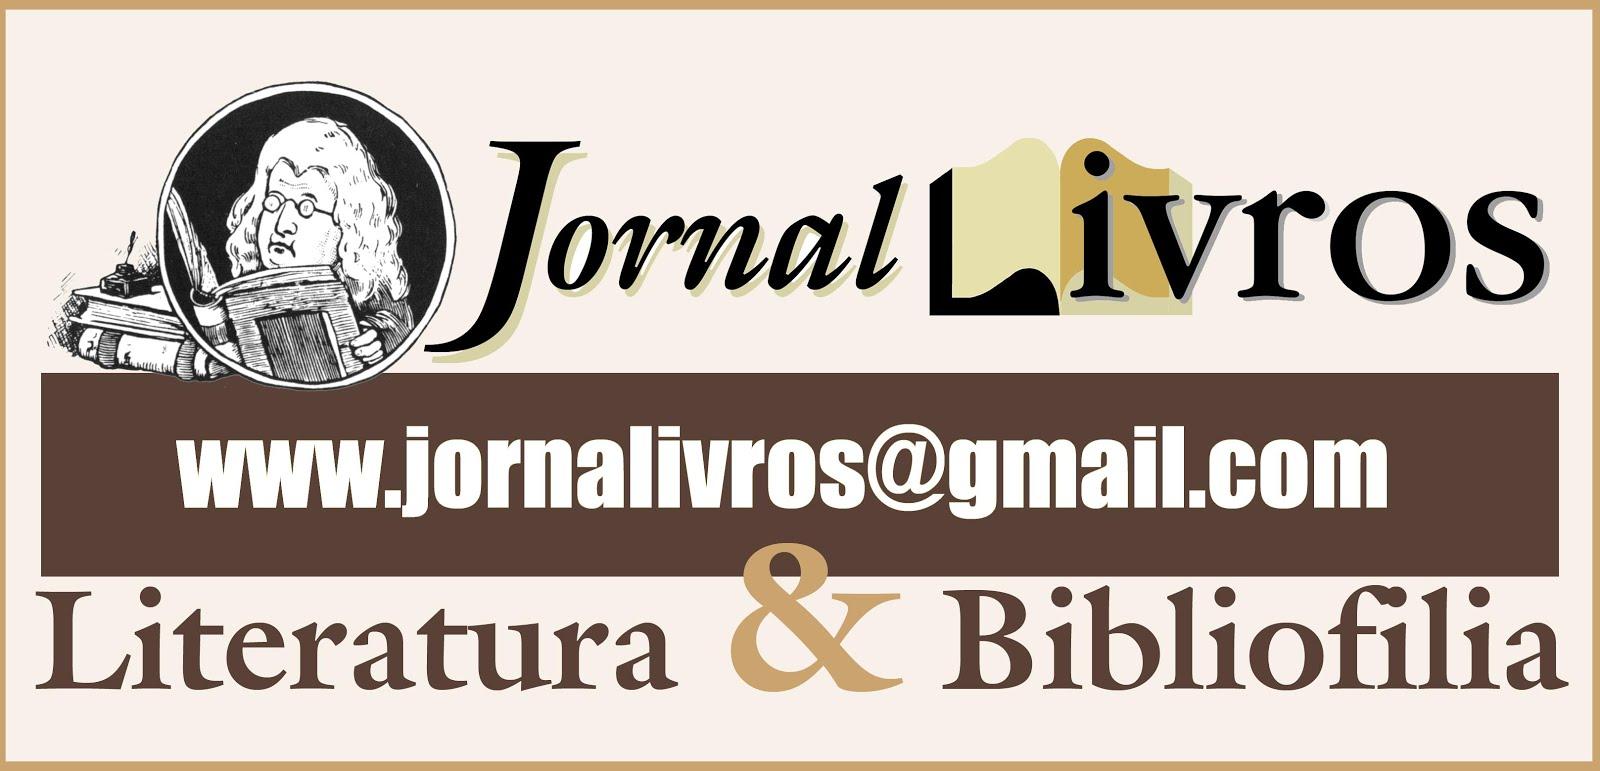 Bibliofilia & Literatura